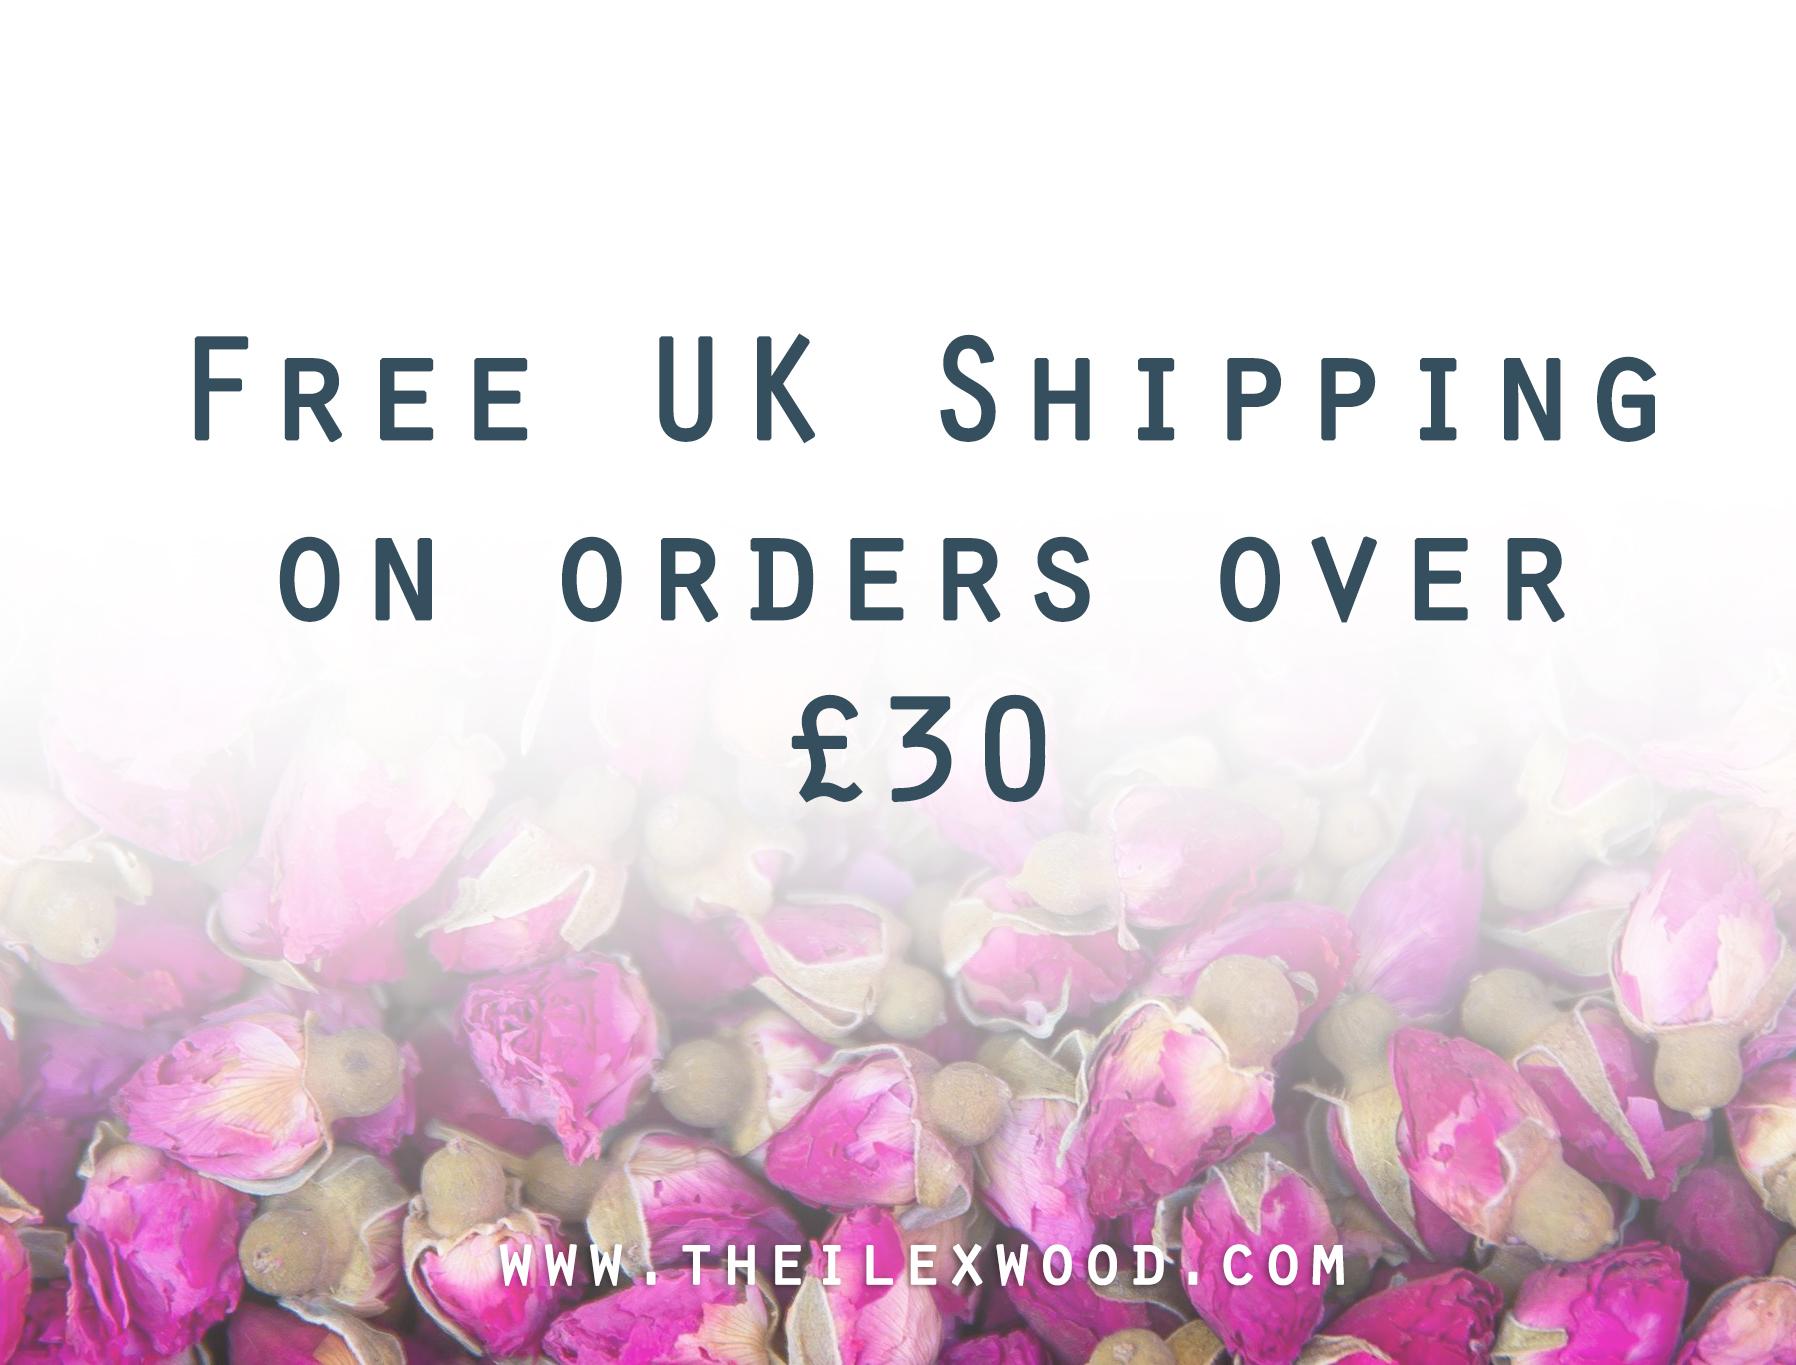 free shipping image.jpg